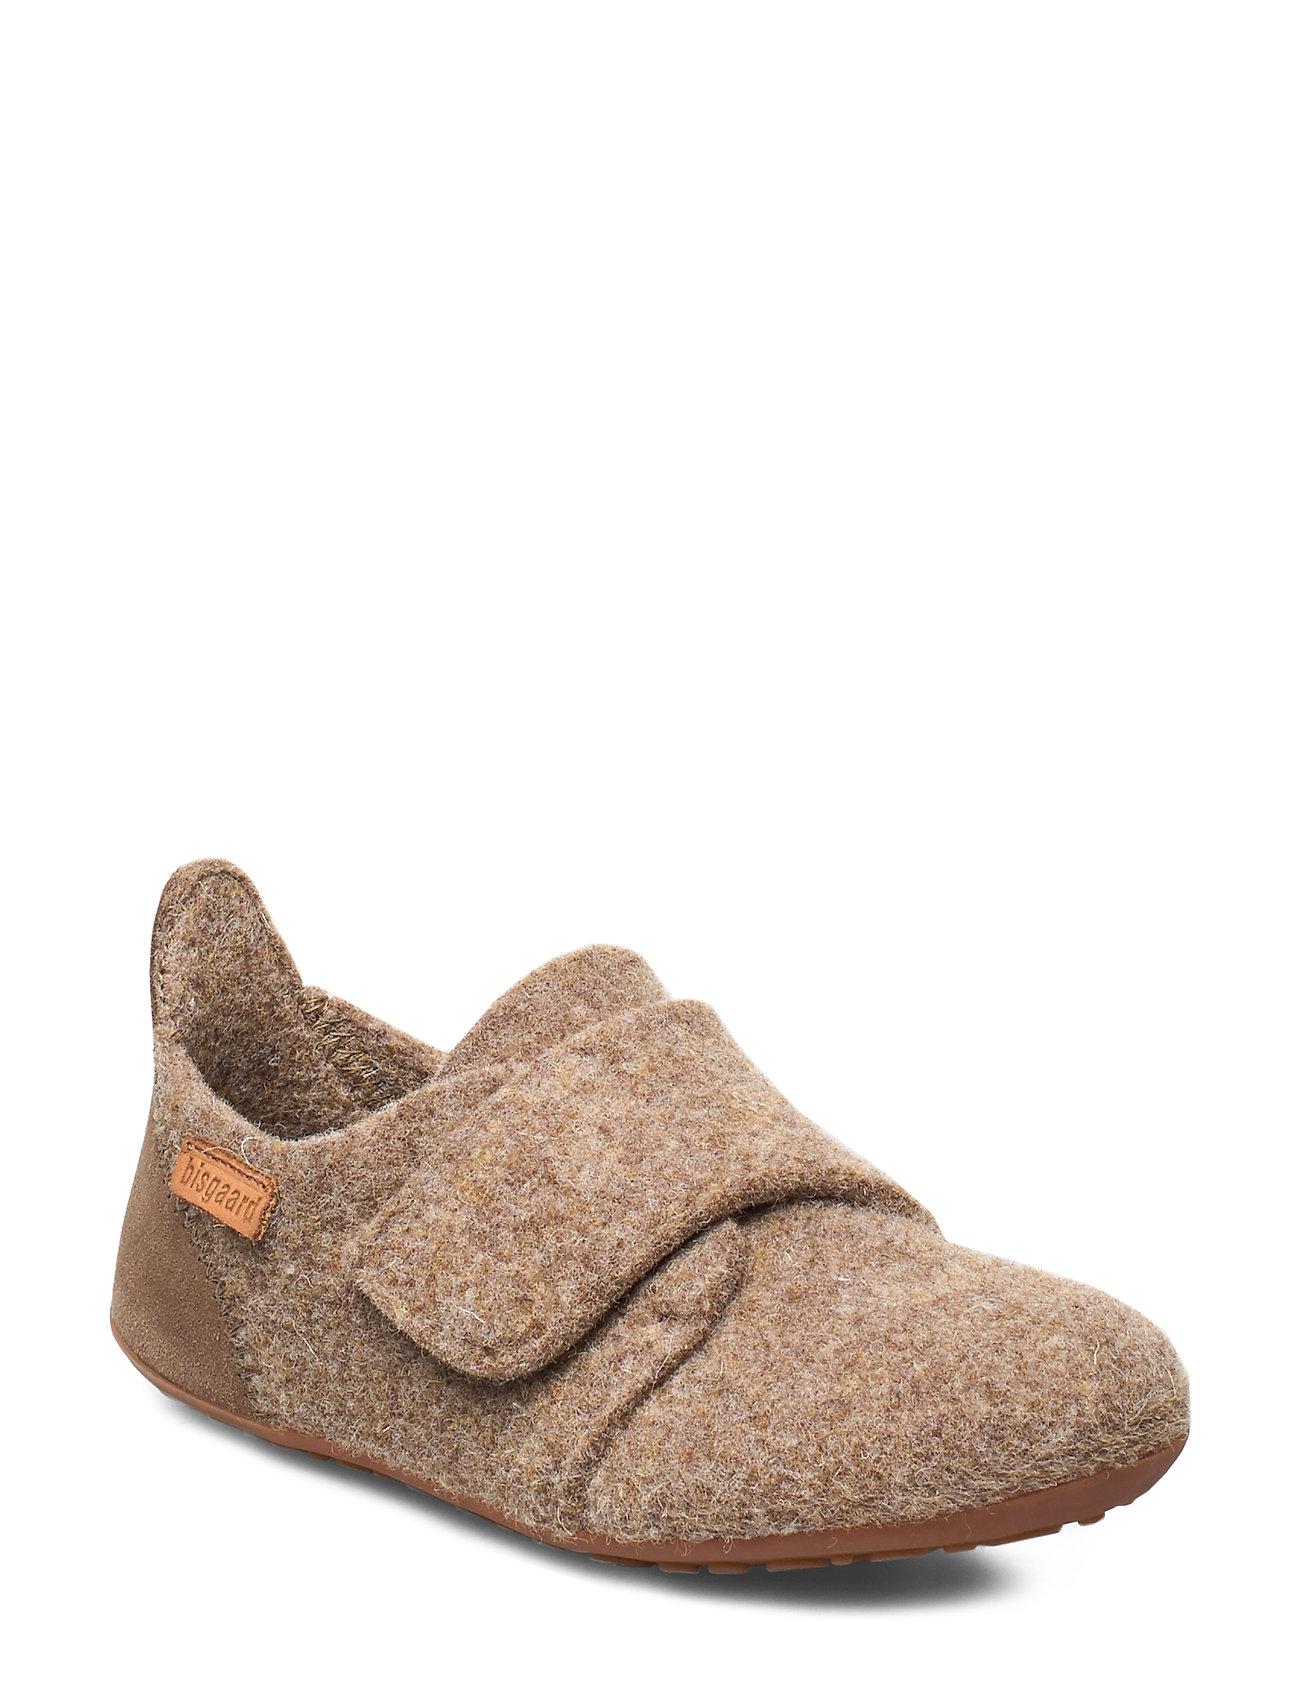 Image of Home Shoe - Wool Velcro Slippers Hjemmesko Grå Bisgaard (3288147259)